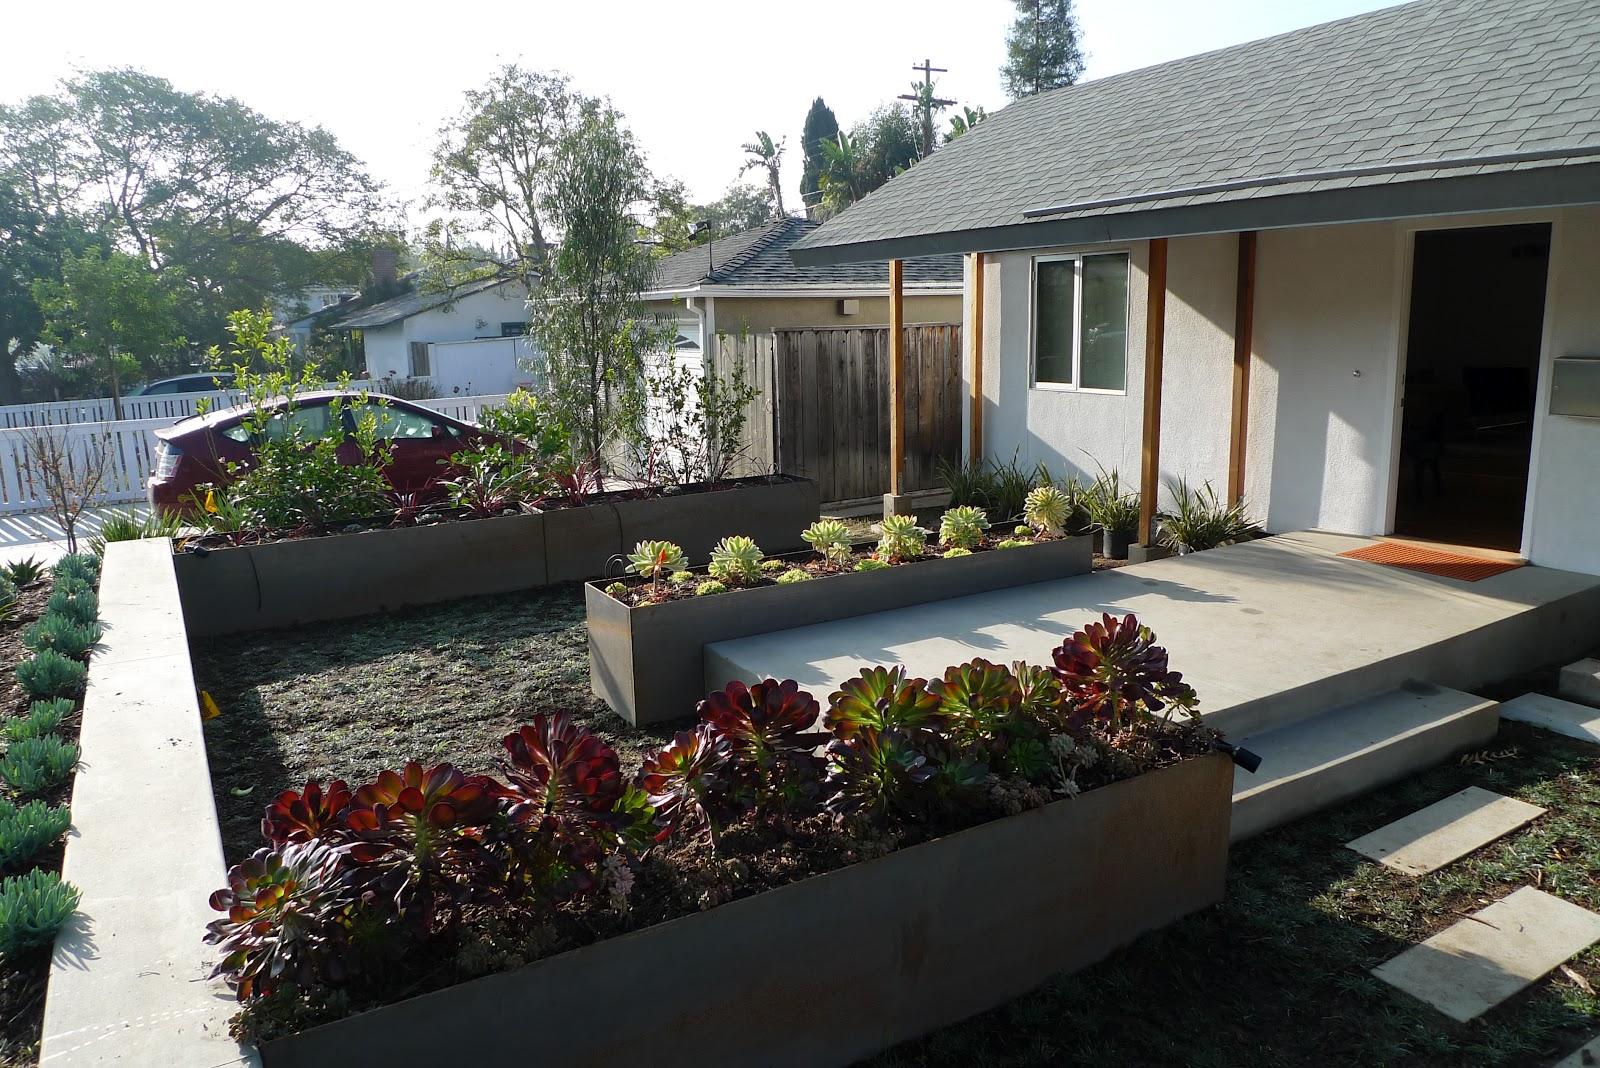 Mar Vista Green Garden Showcase: 3041 Midvale Avenue - Map 1E